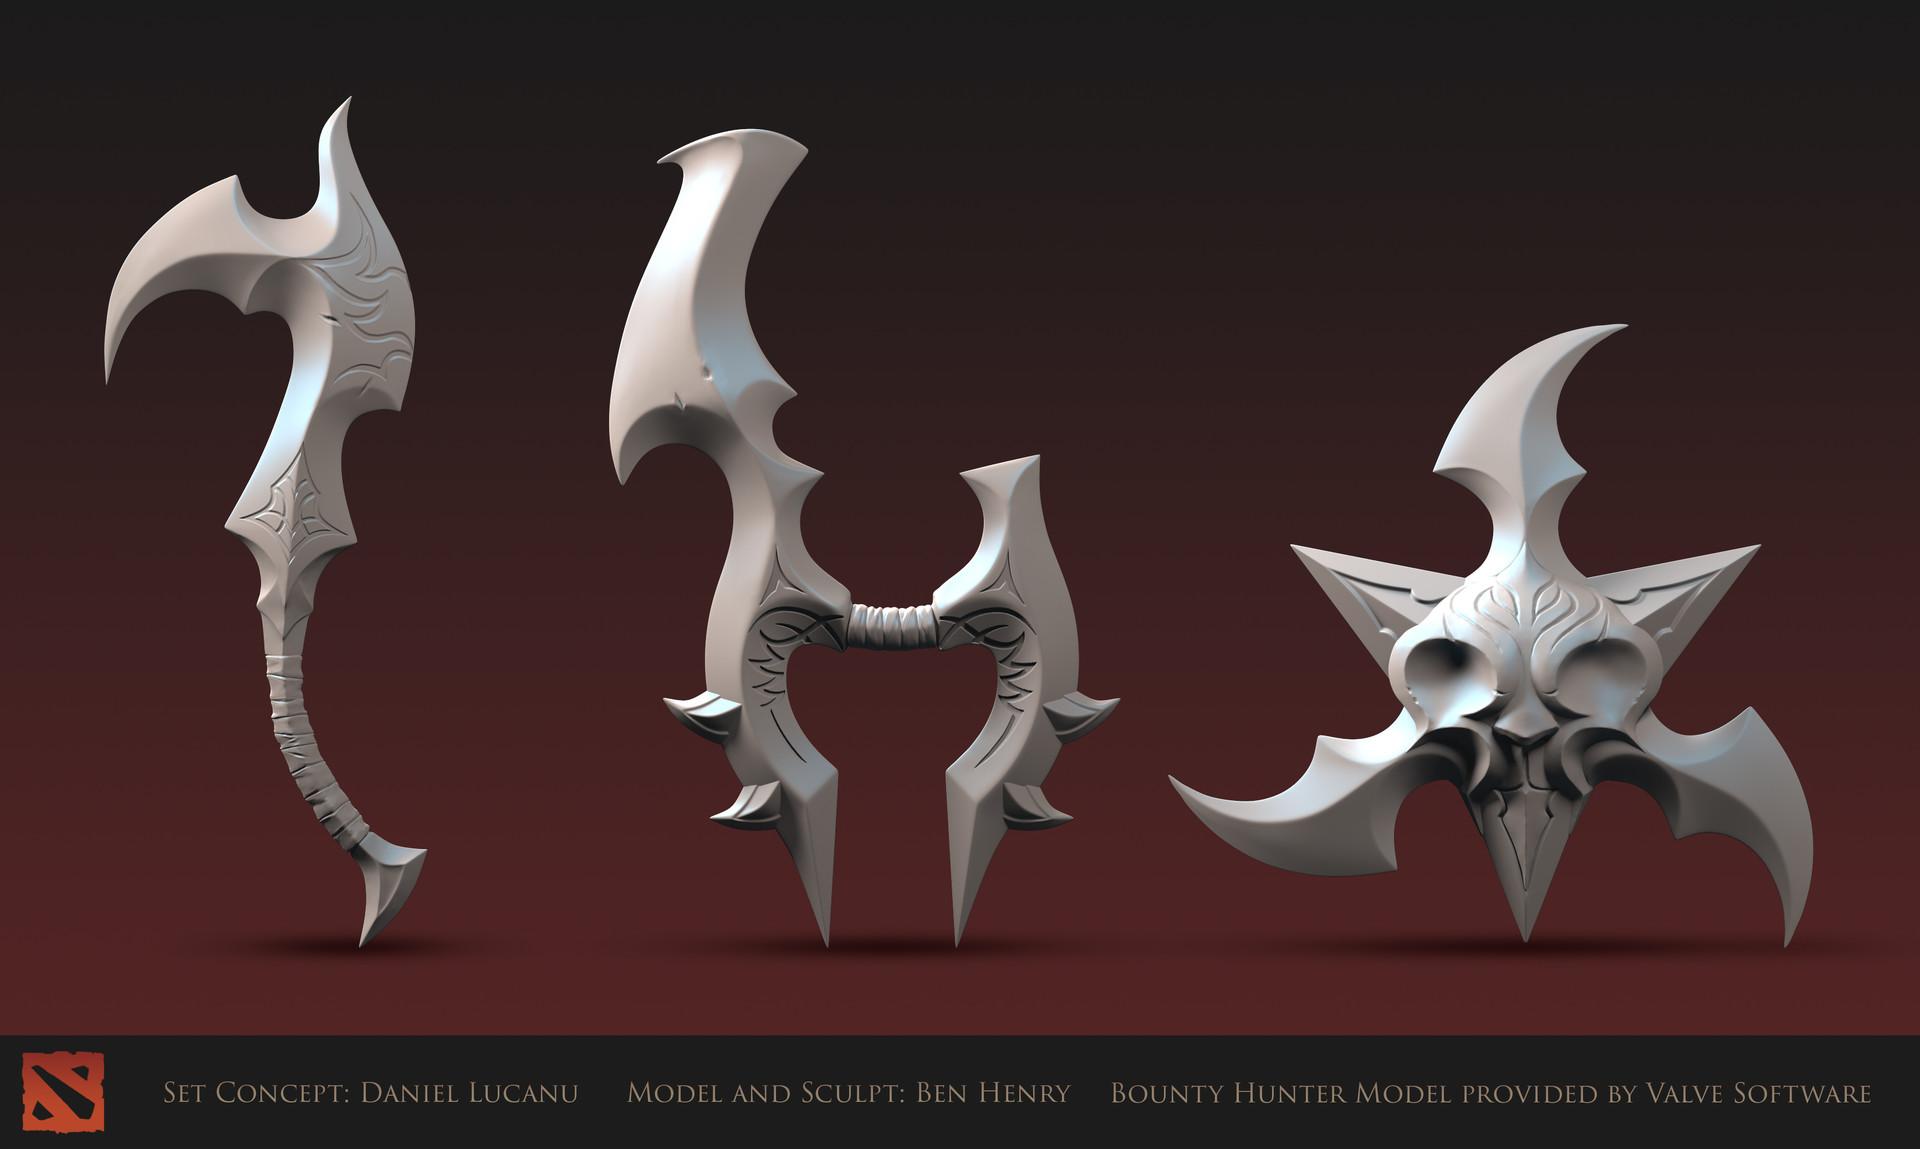 Ben henry bh weapons update